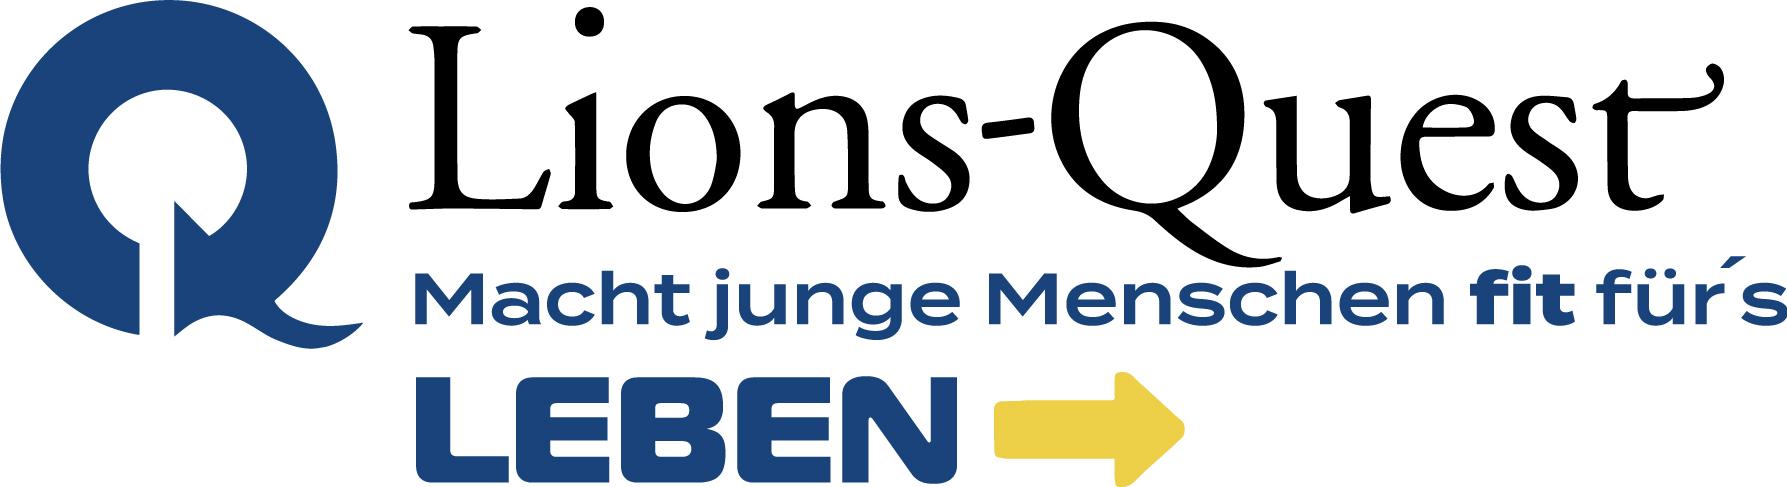 Lions_Quest_Logo_LEBEN